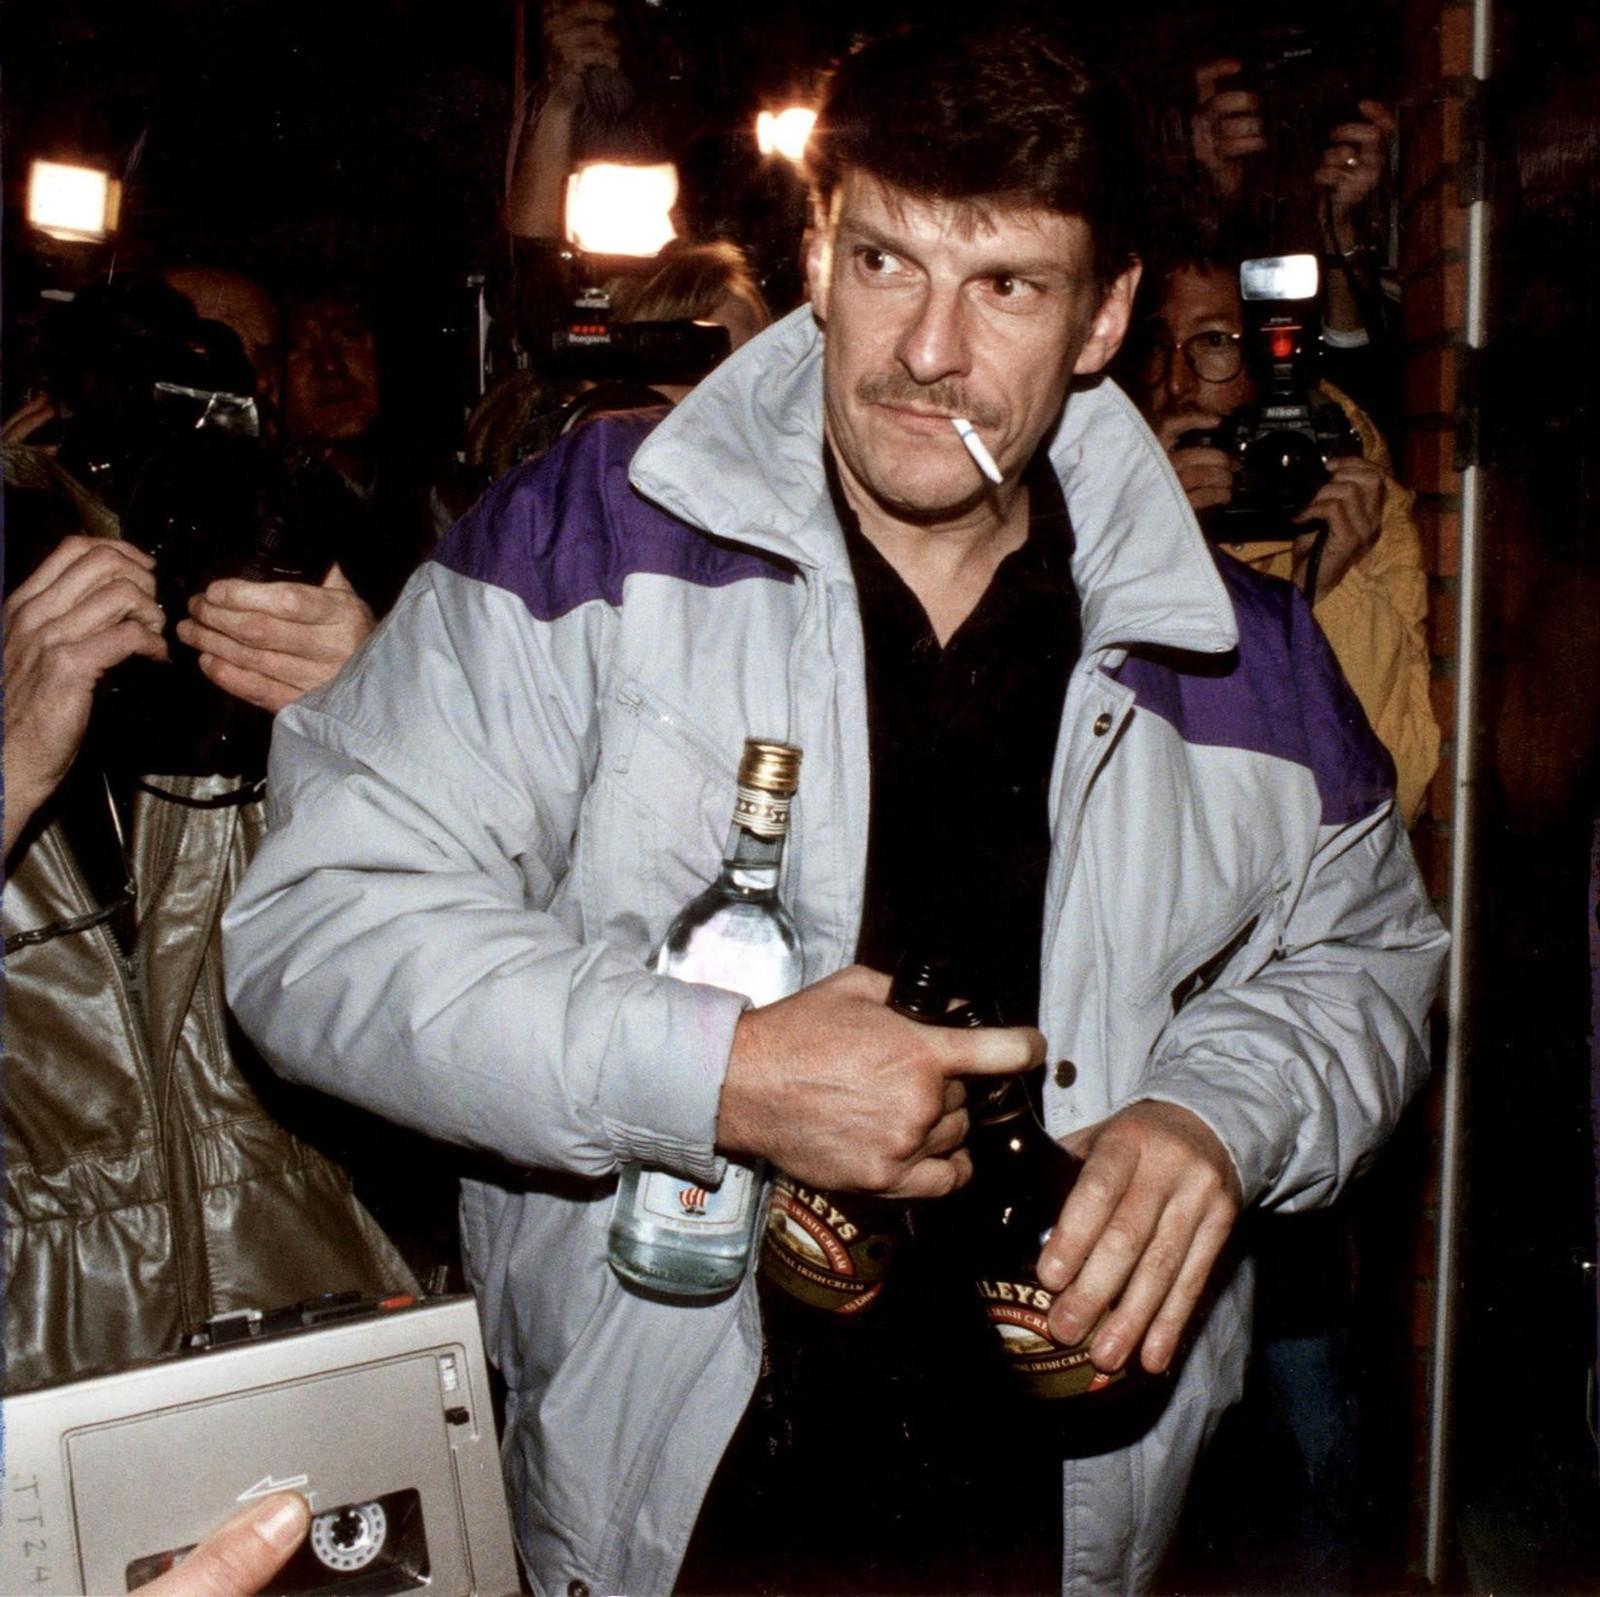 Christer Pettersson var en kjent småkriminell alkoholiker. Mange mente han derfor var lett å peke ut som syndebukk. Andre er fremdeles overbevist om at Petterson var drapsmannen.